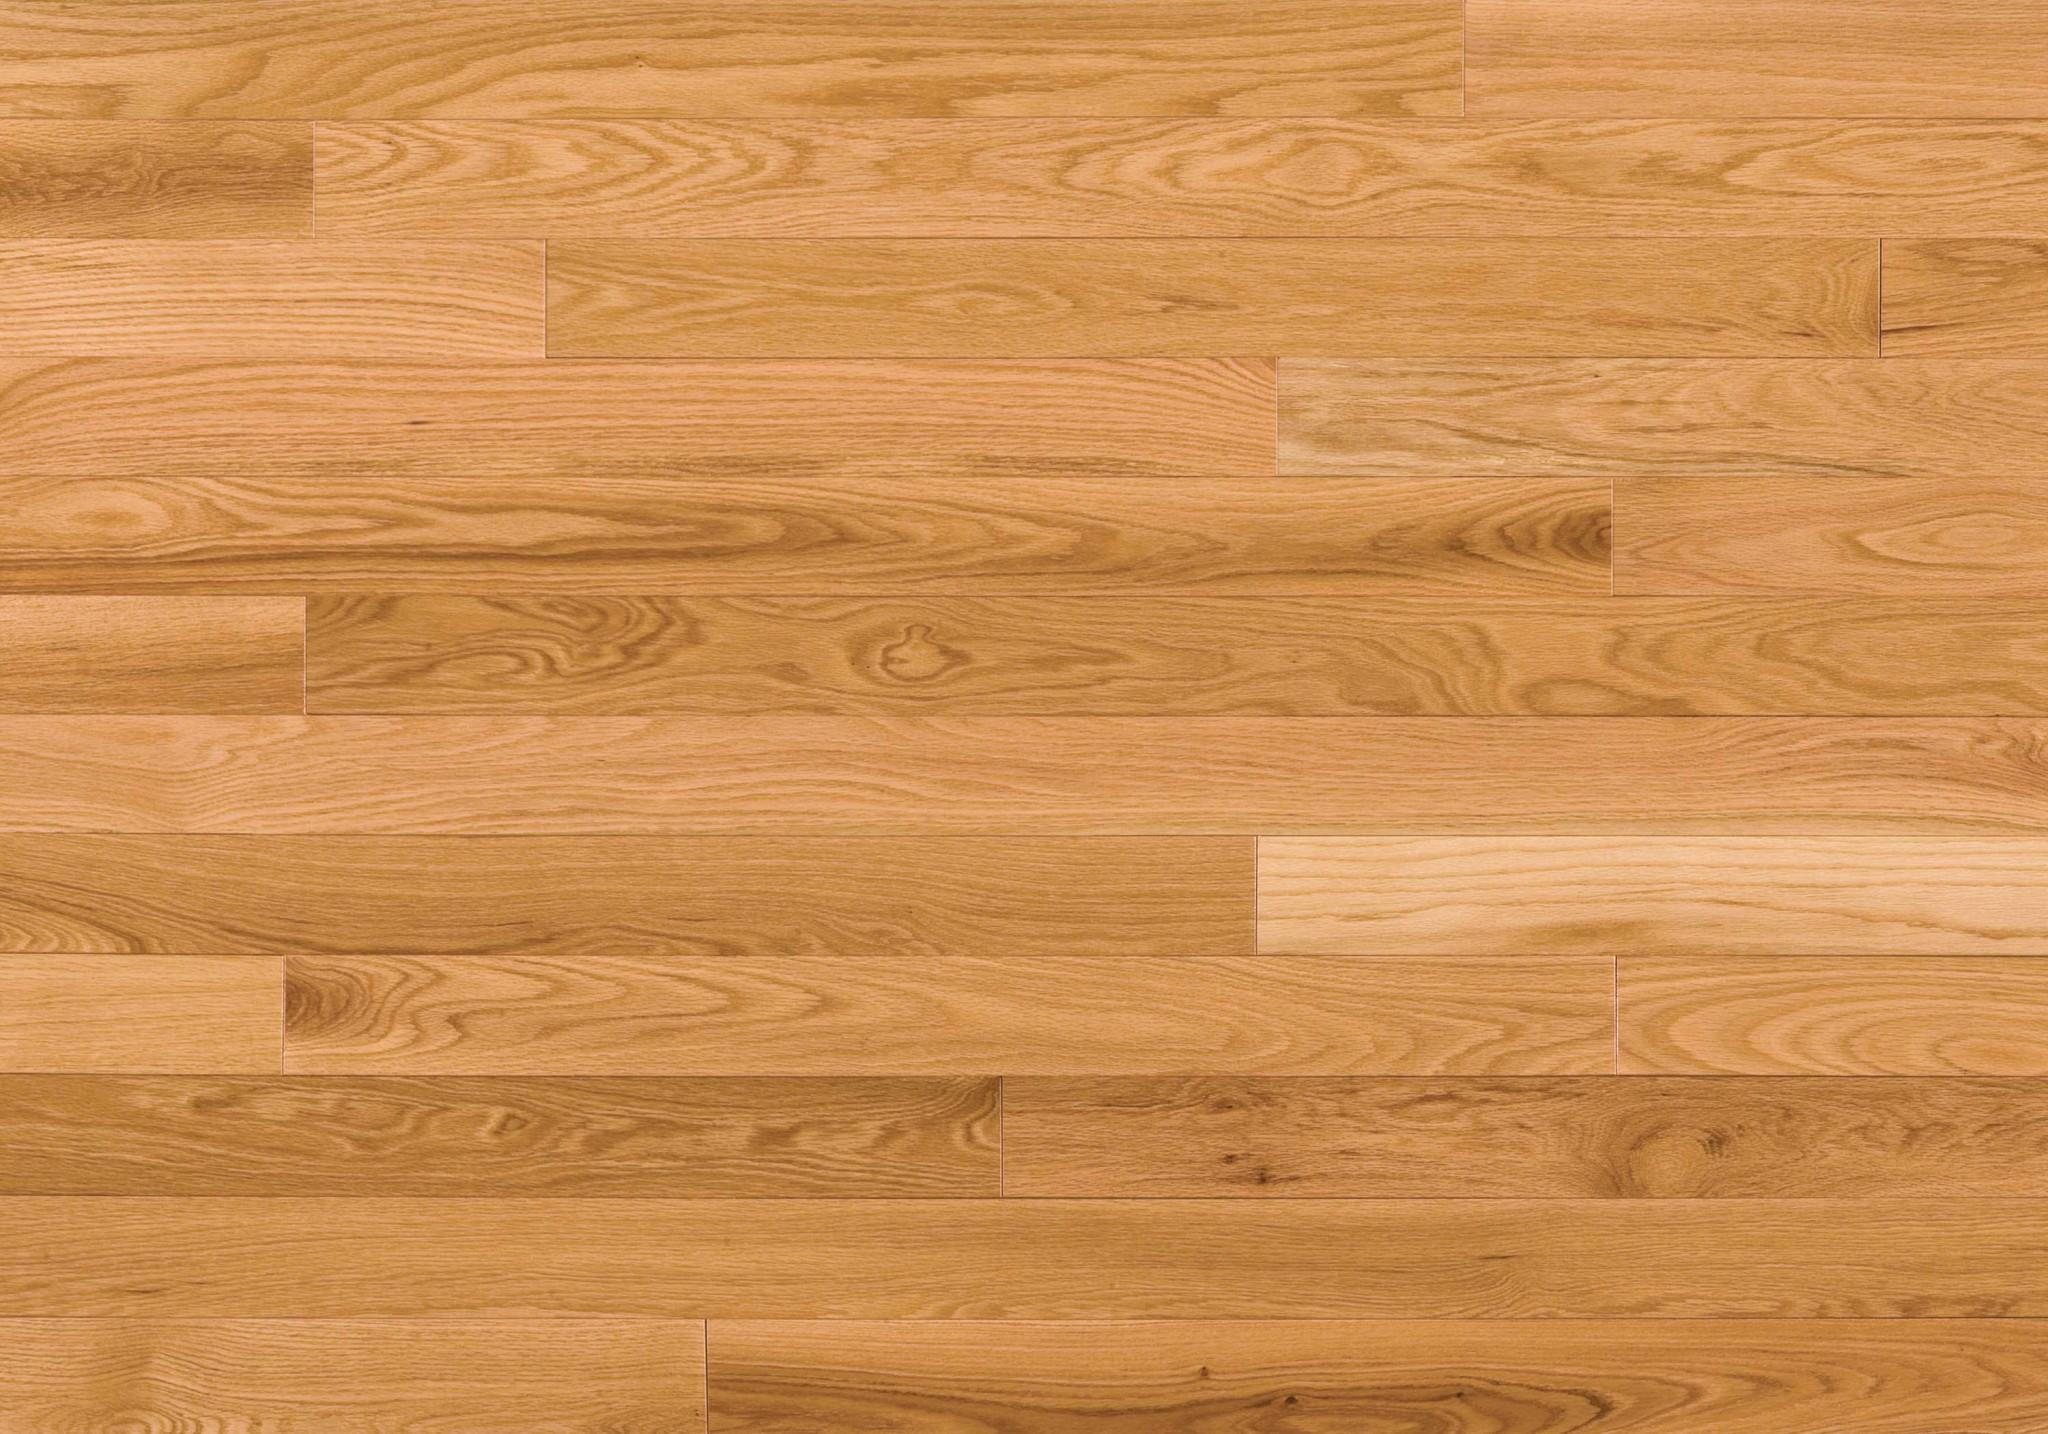 hardwood floors red oak hardwood ... COITWFM